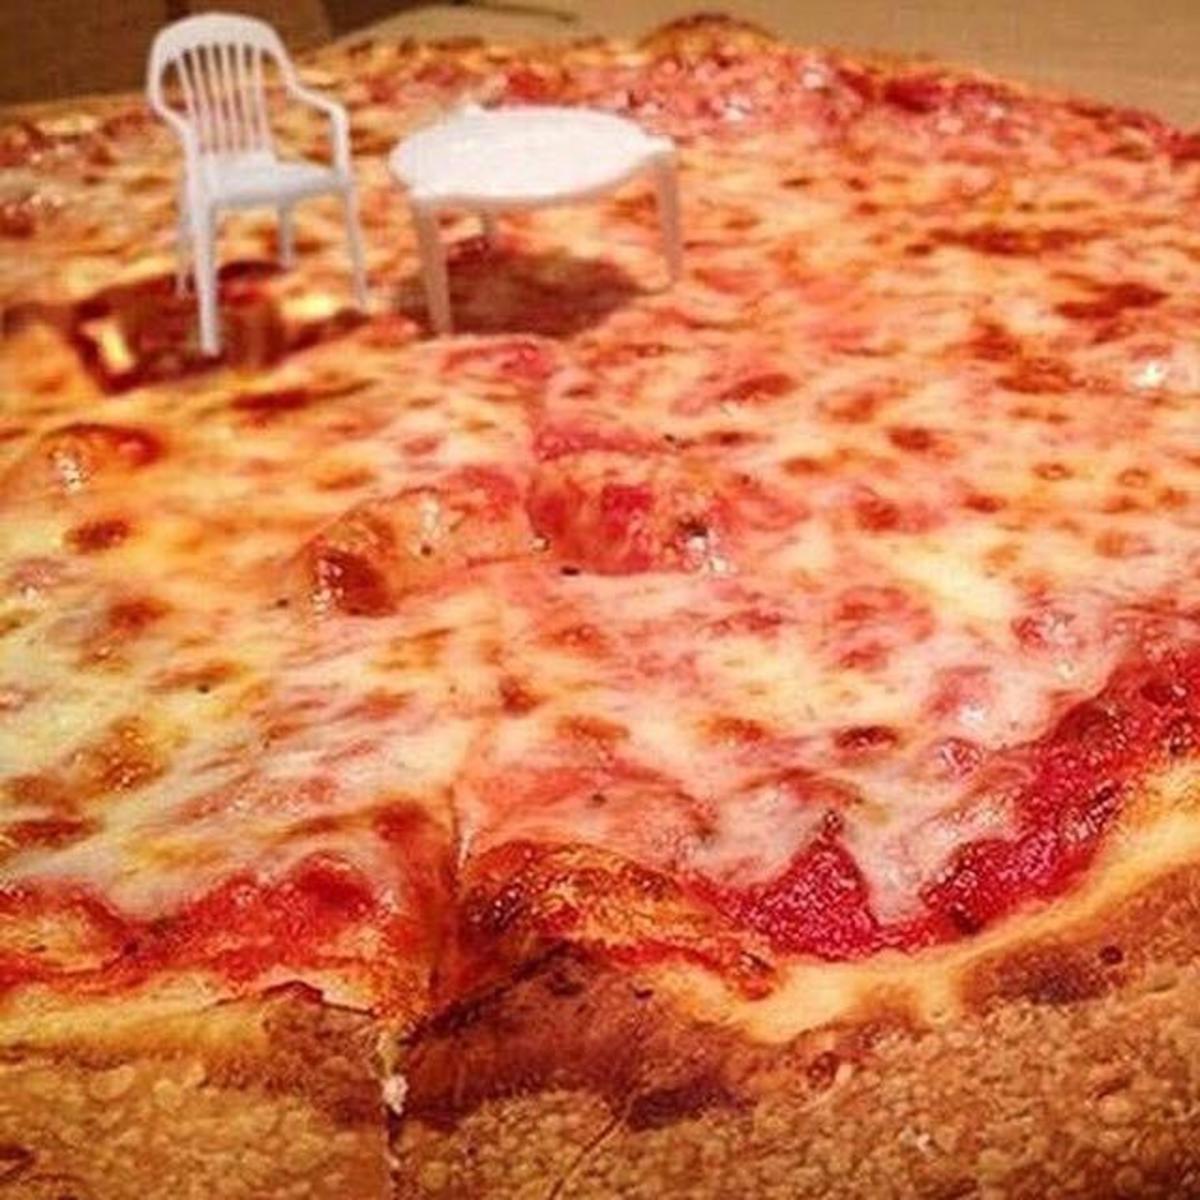 Paklallelf Itacket Cioklos. .. join list: PizzaMention History Paklallelf Itacket Cioklos join list: PizzaMention History